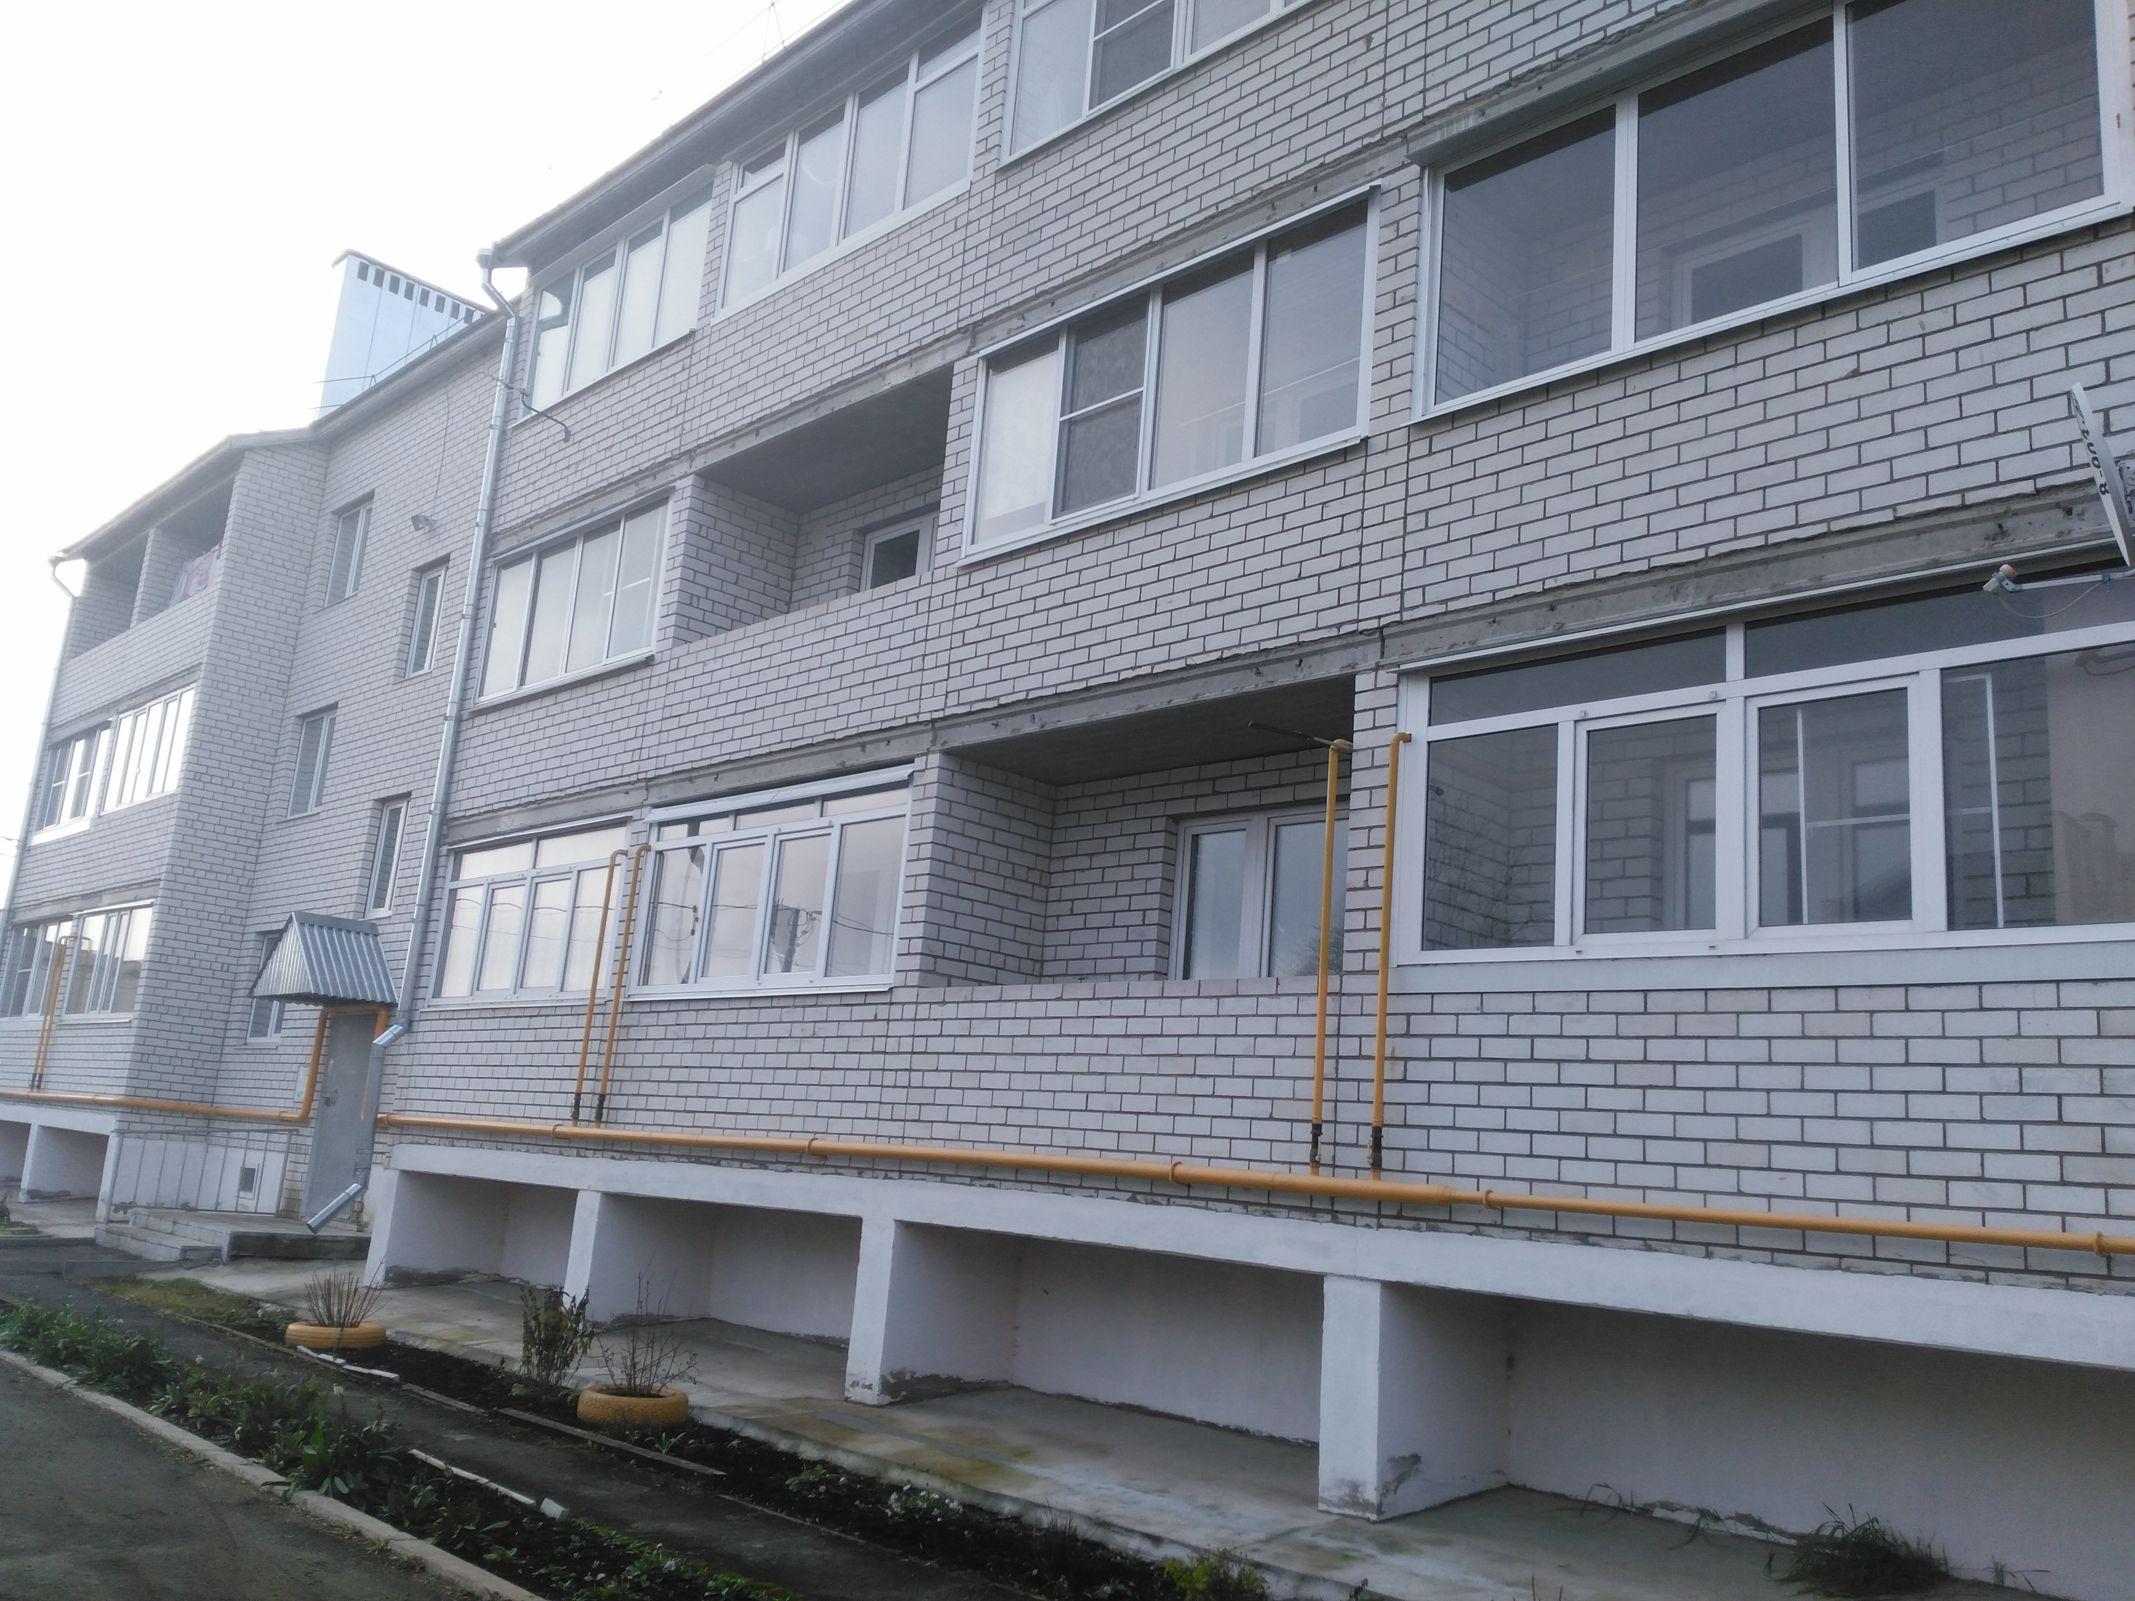 Жители дома в поселке Красный Октябрь в Ярославской области расселены